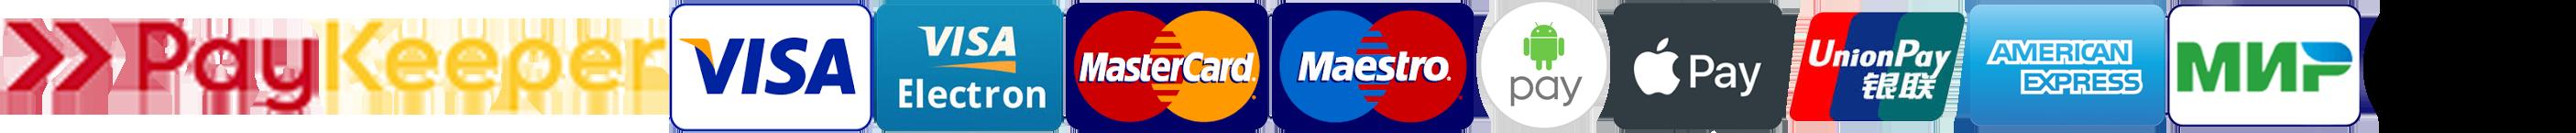 филиал центральный банк втб пао г москва адрес оформить кредитную карту в саратове